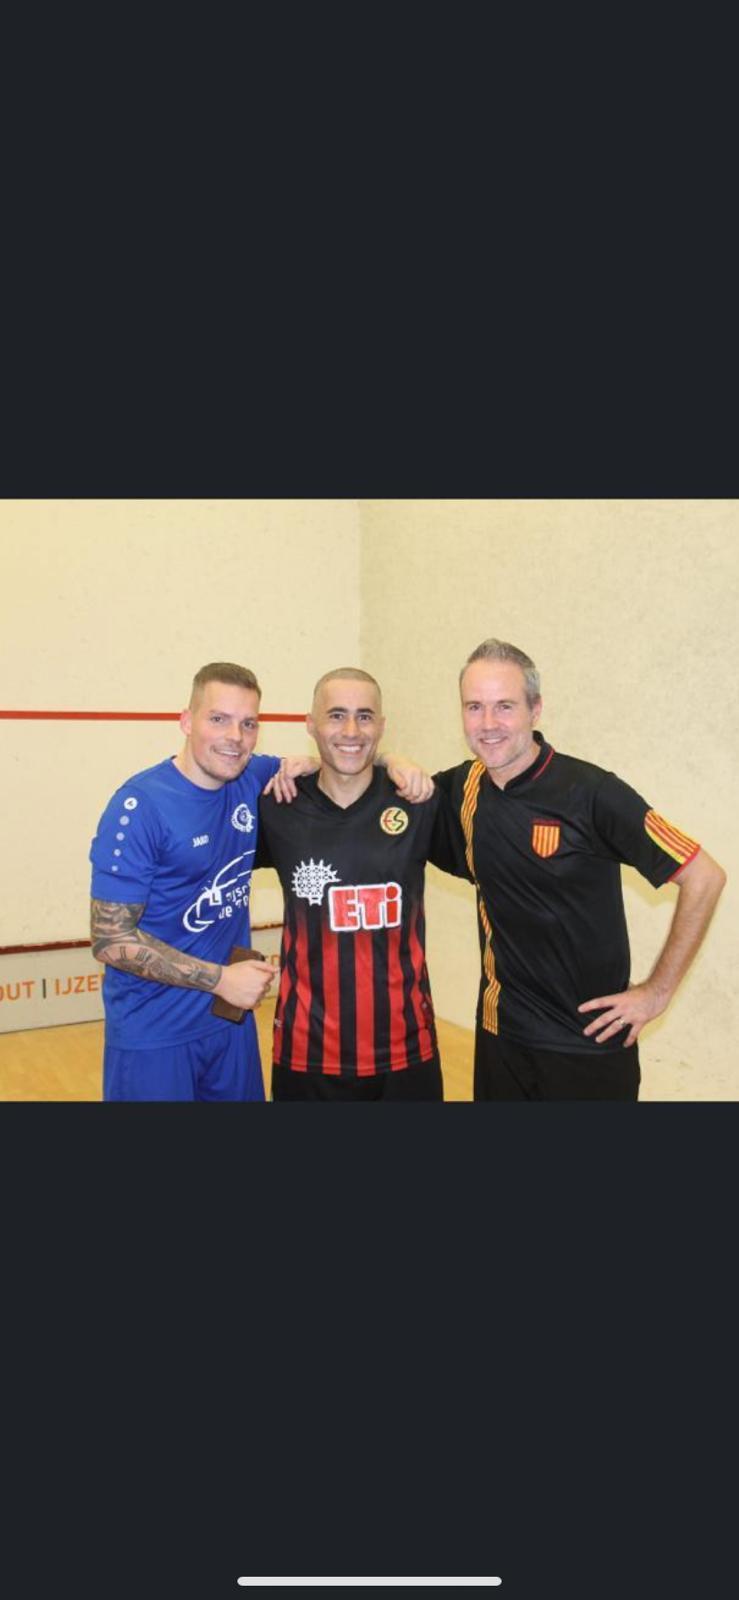 'Soccersquash ander spelletje dan voetbal', zegt Ruben Beentjes over eerste toernooi in Alkmaar